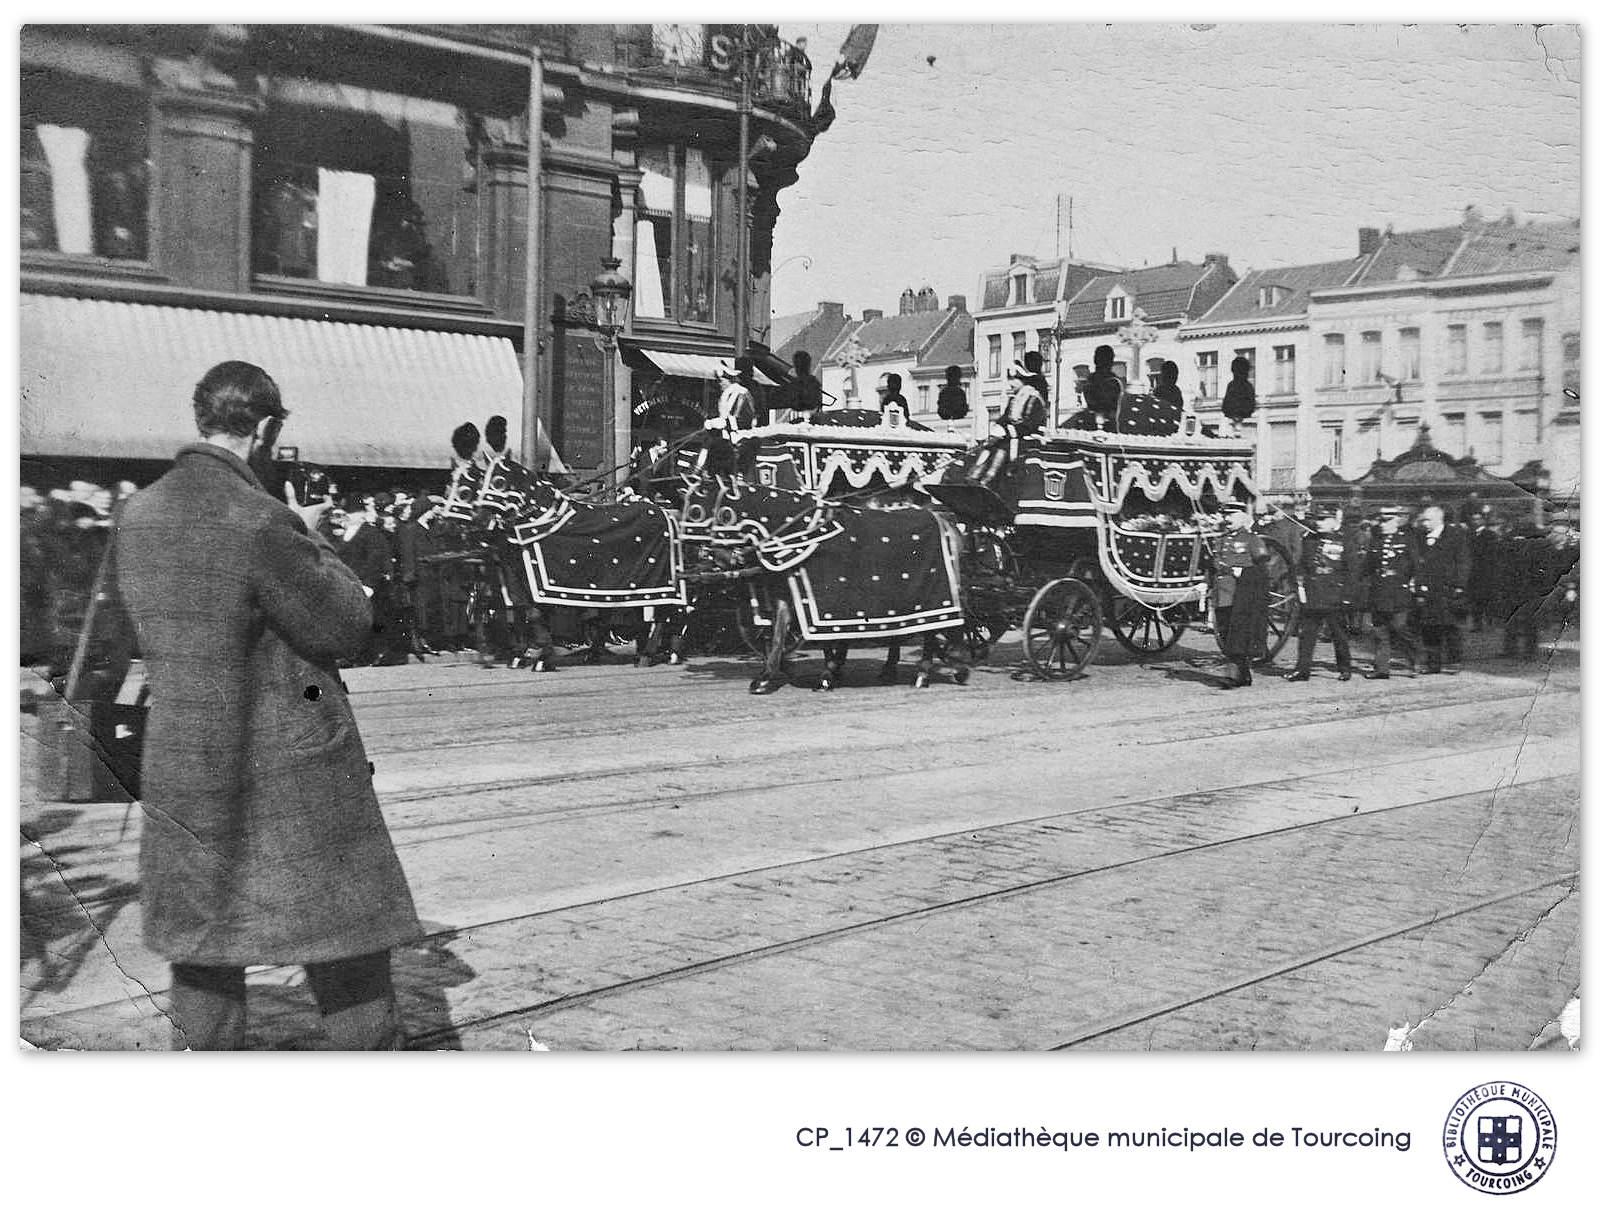 Photographie ancienne - Obsèques Pompiers morts au feu, Tourcoing.